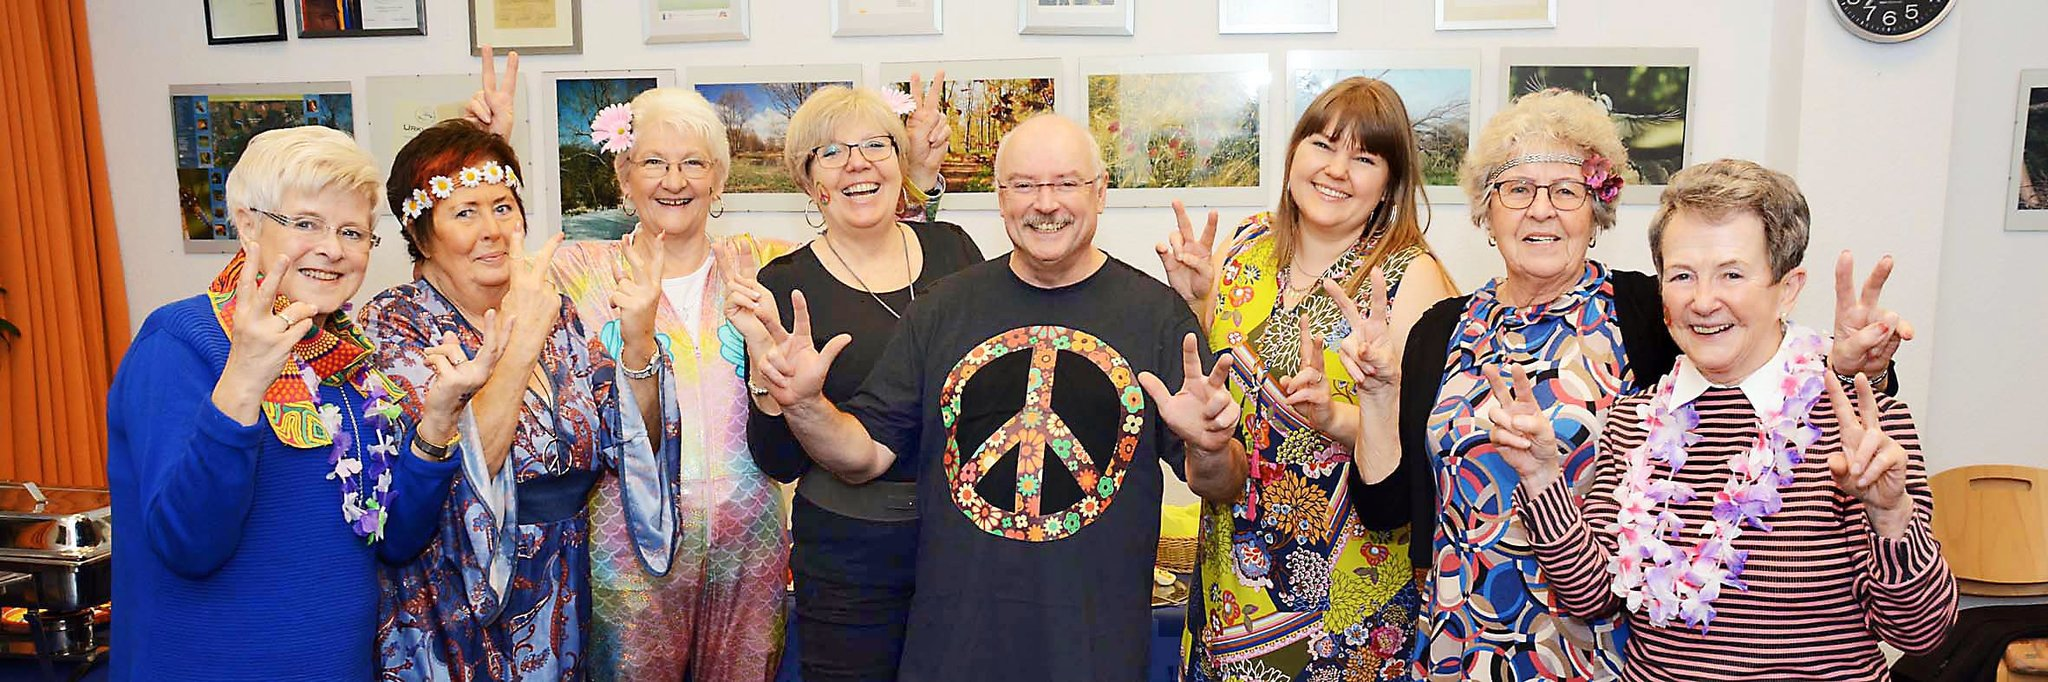 Gelungenes Woodstock-Revival bei Ü50-Party im